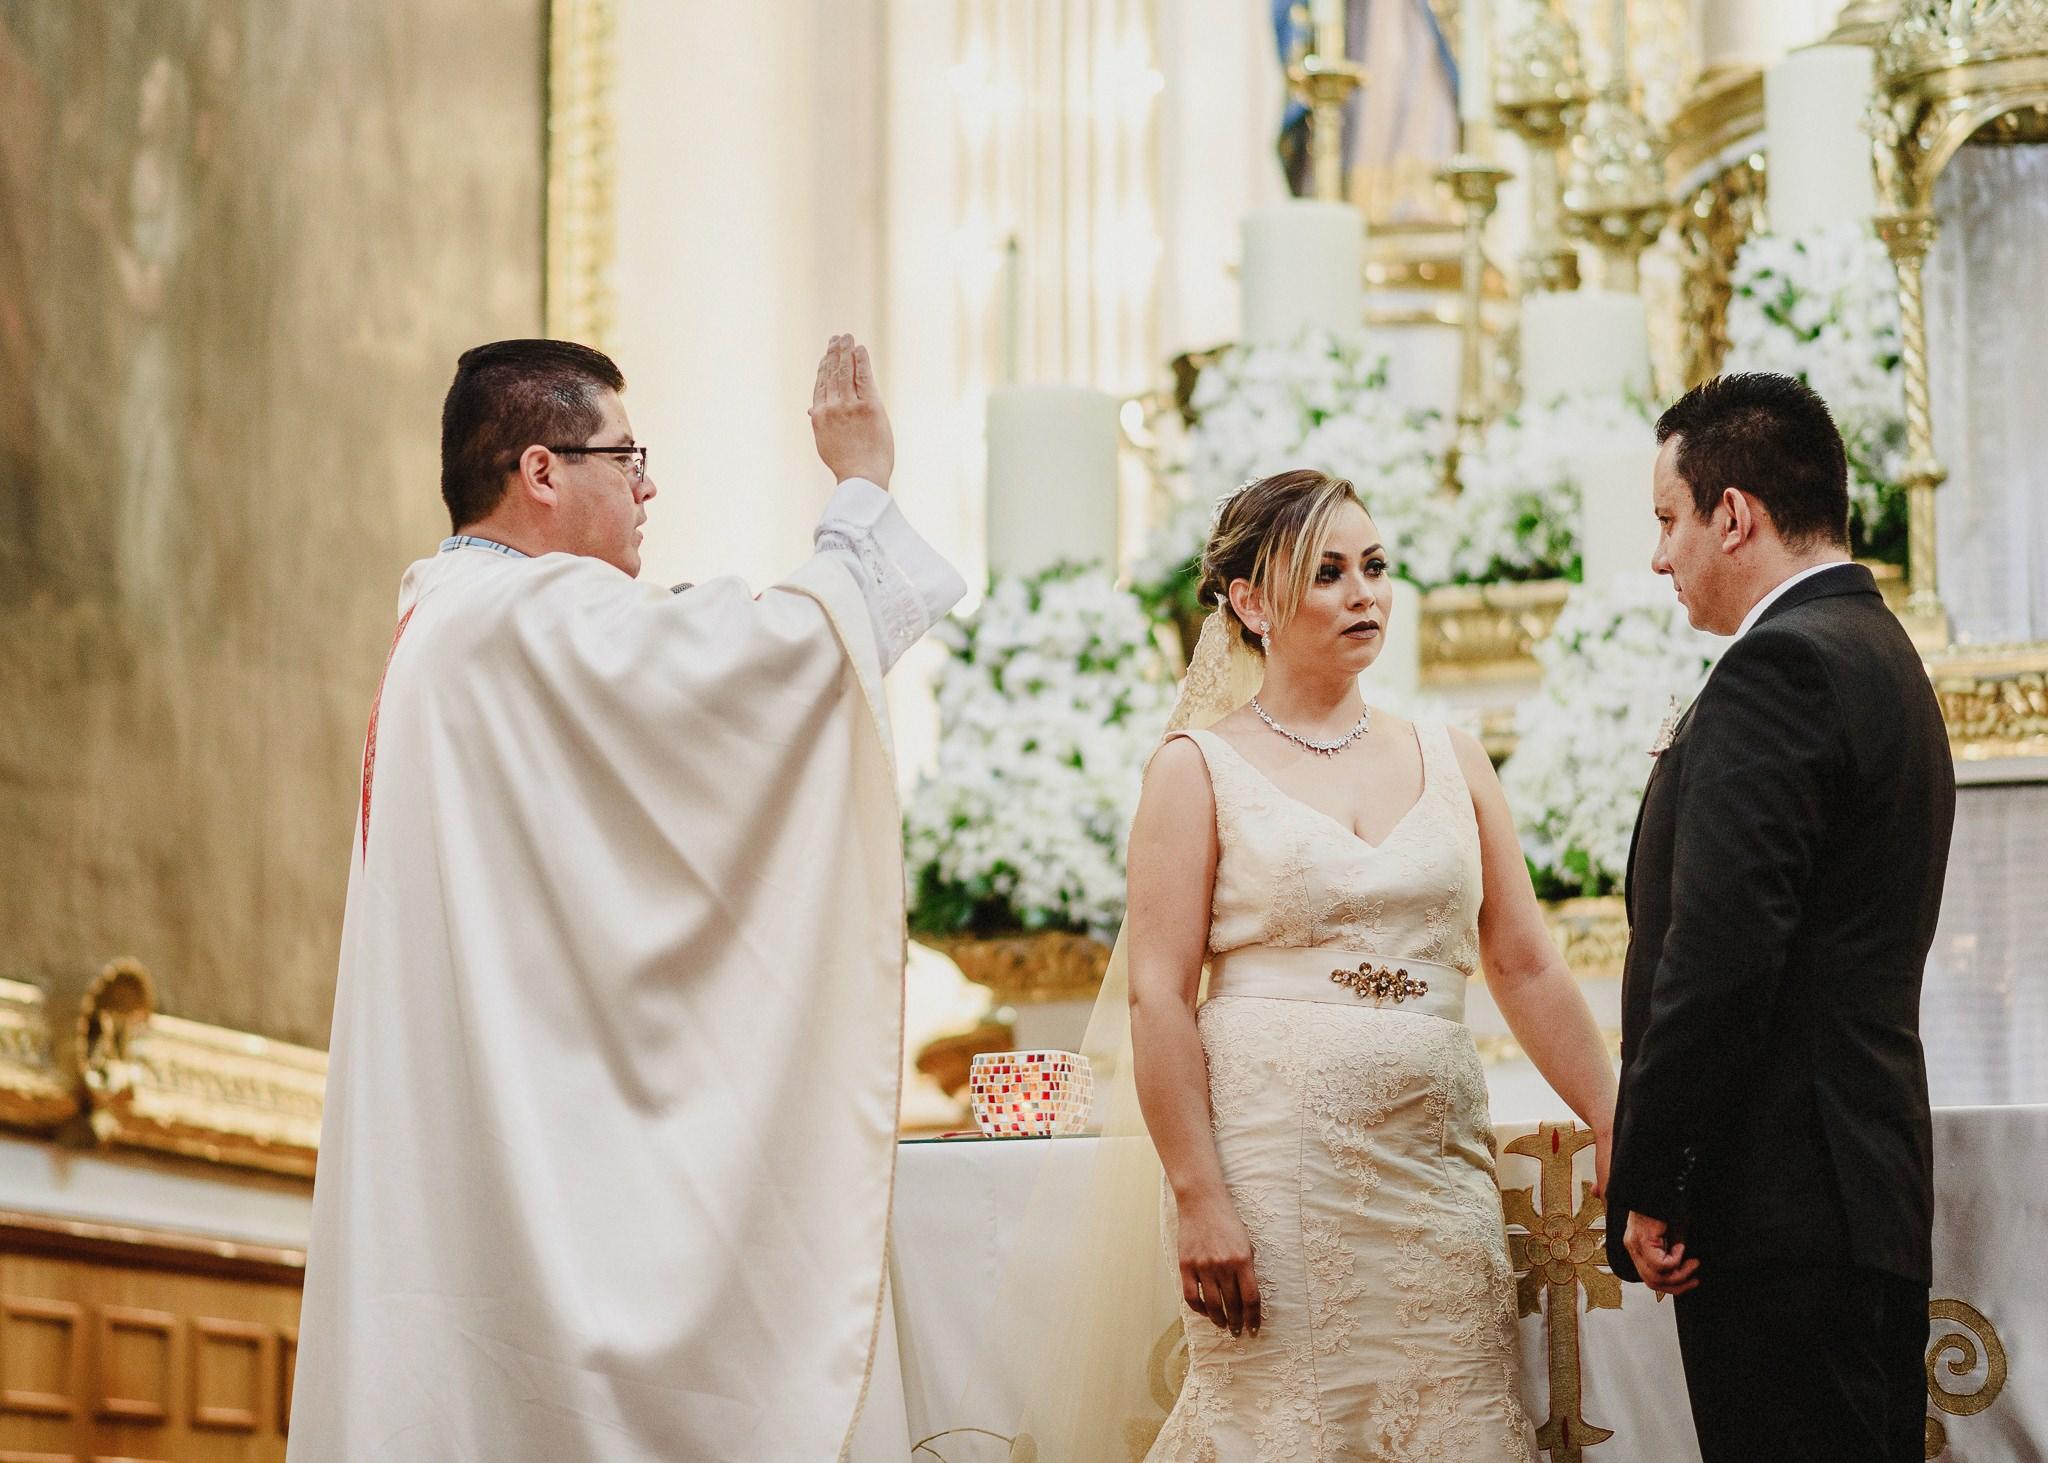 02boda-wedding-ceremonia-templo-barrio-del-encino-aguascalientes-fotografo-luis-houdin57